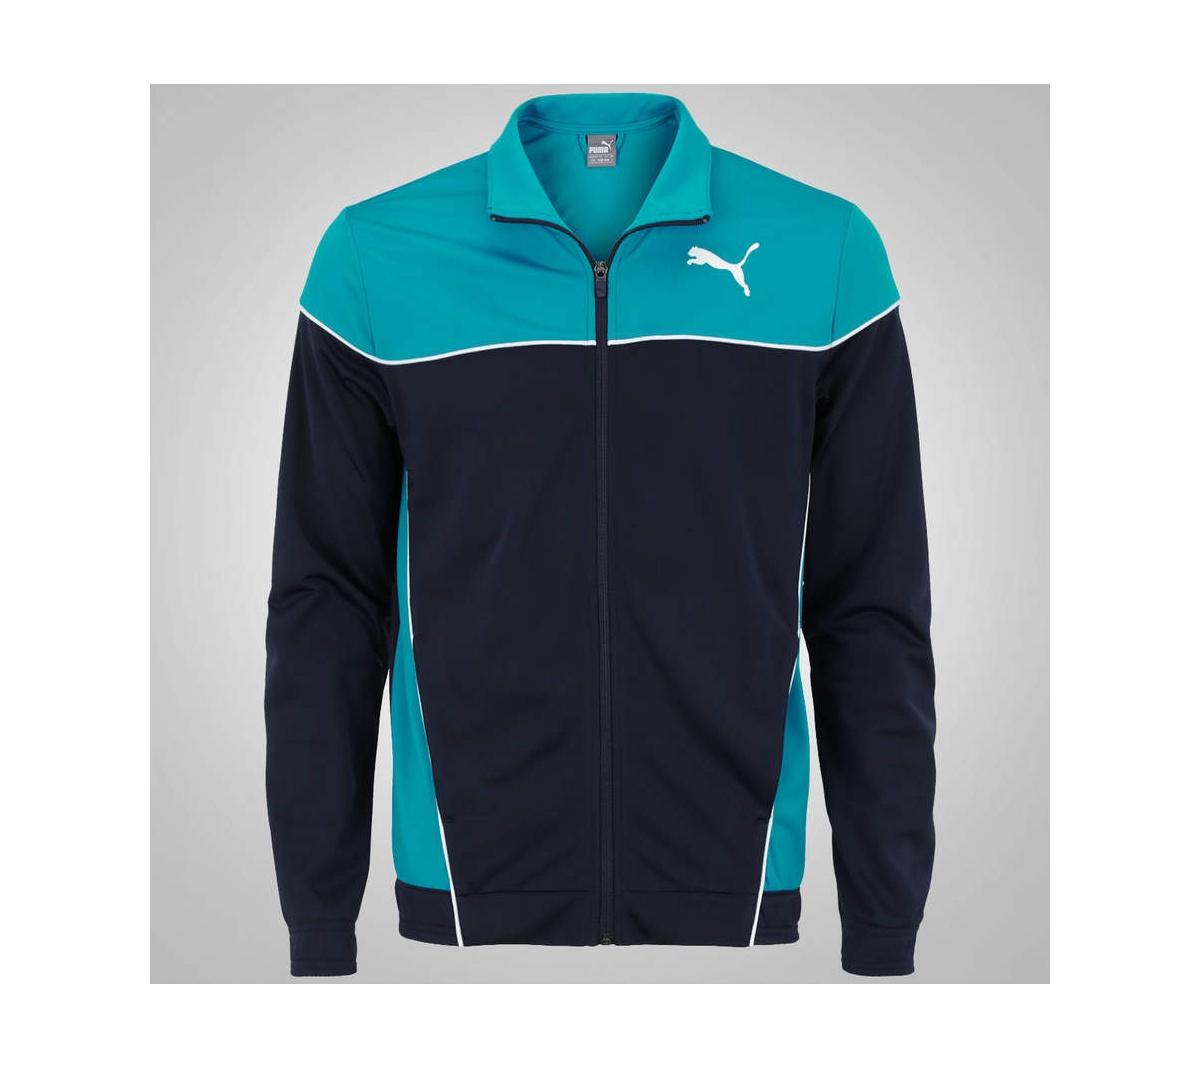 Agasalho Puma Blocked  Suit Azul Marinho